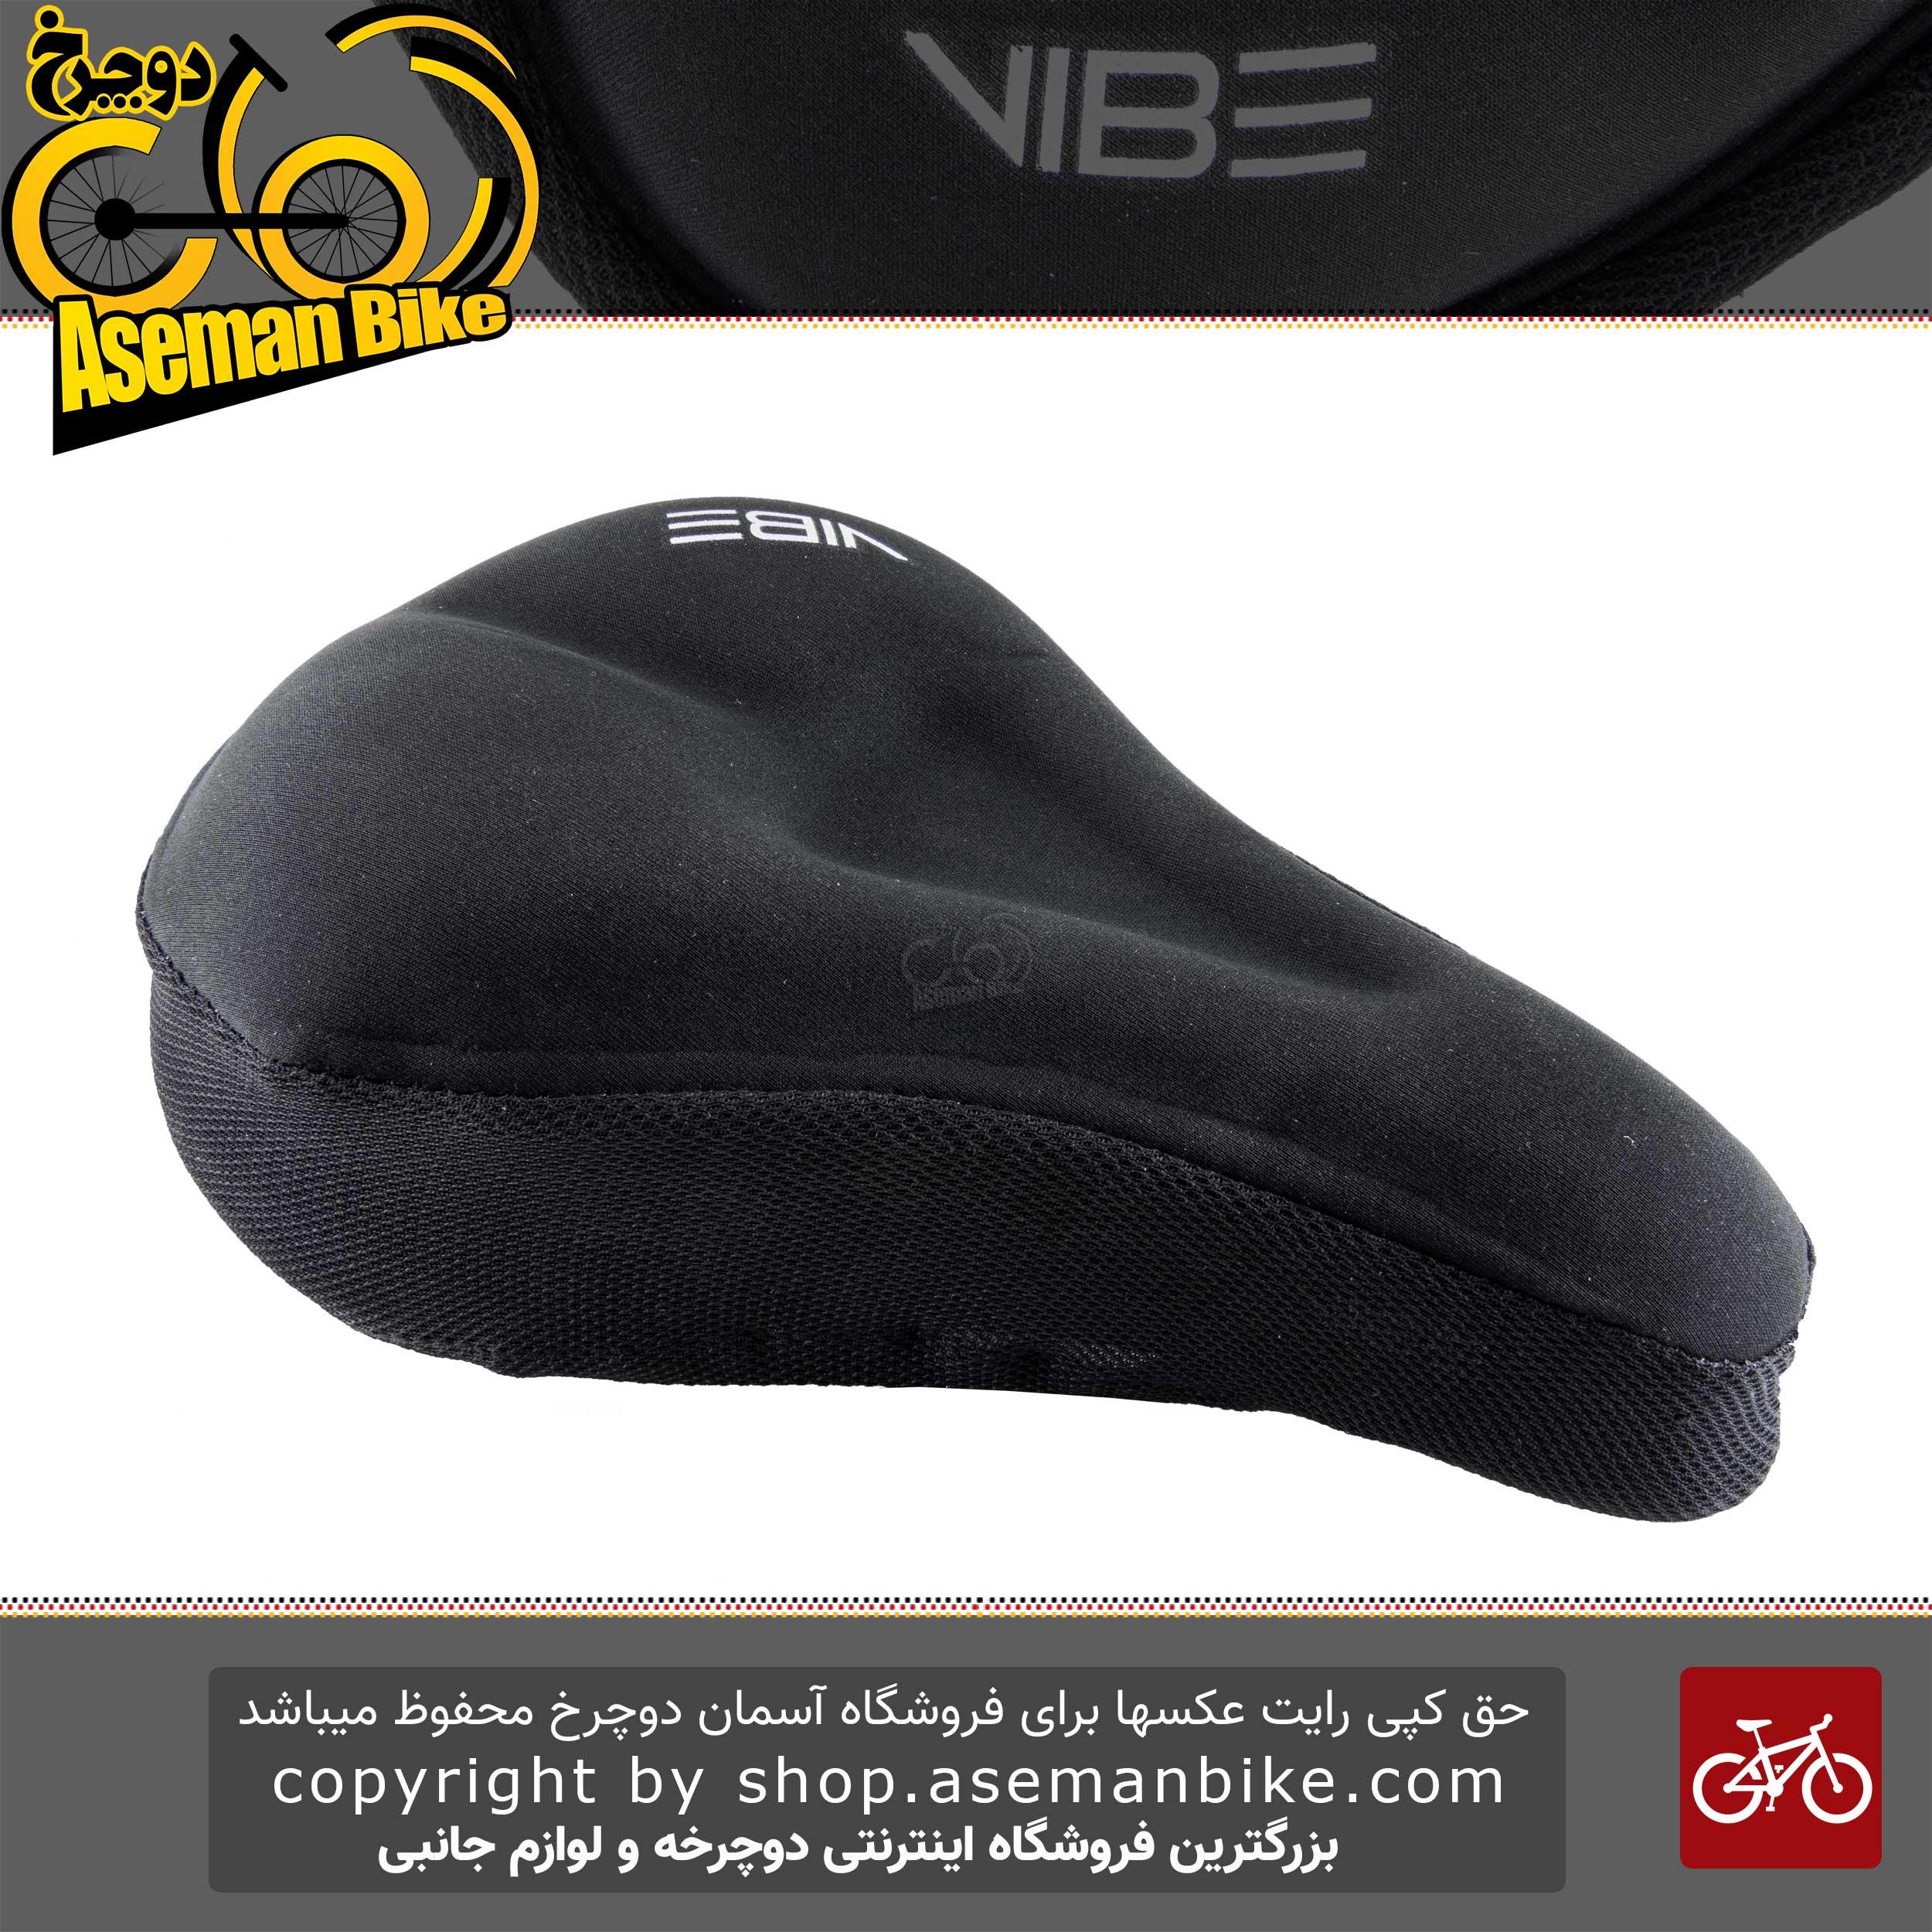 روکش زین ژله ای دوچرخه وایب 680I11 مشکی Saddle Bicycle Cover VIBE 680I11